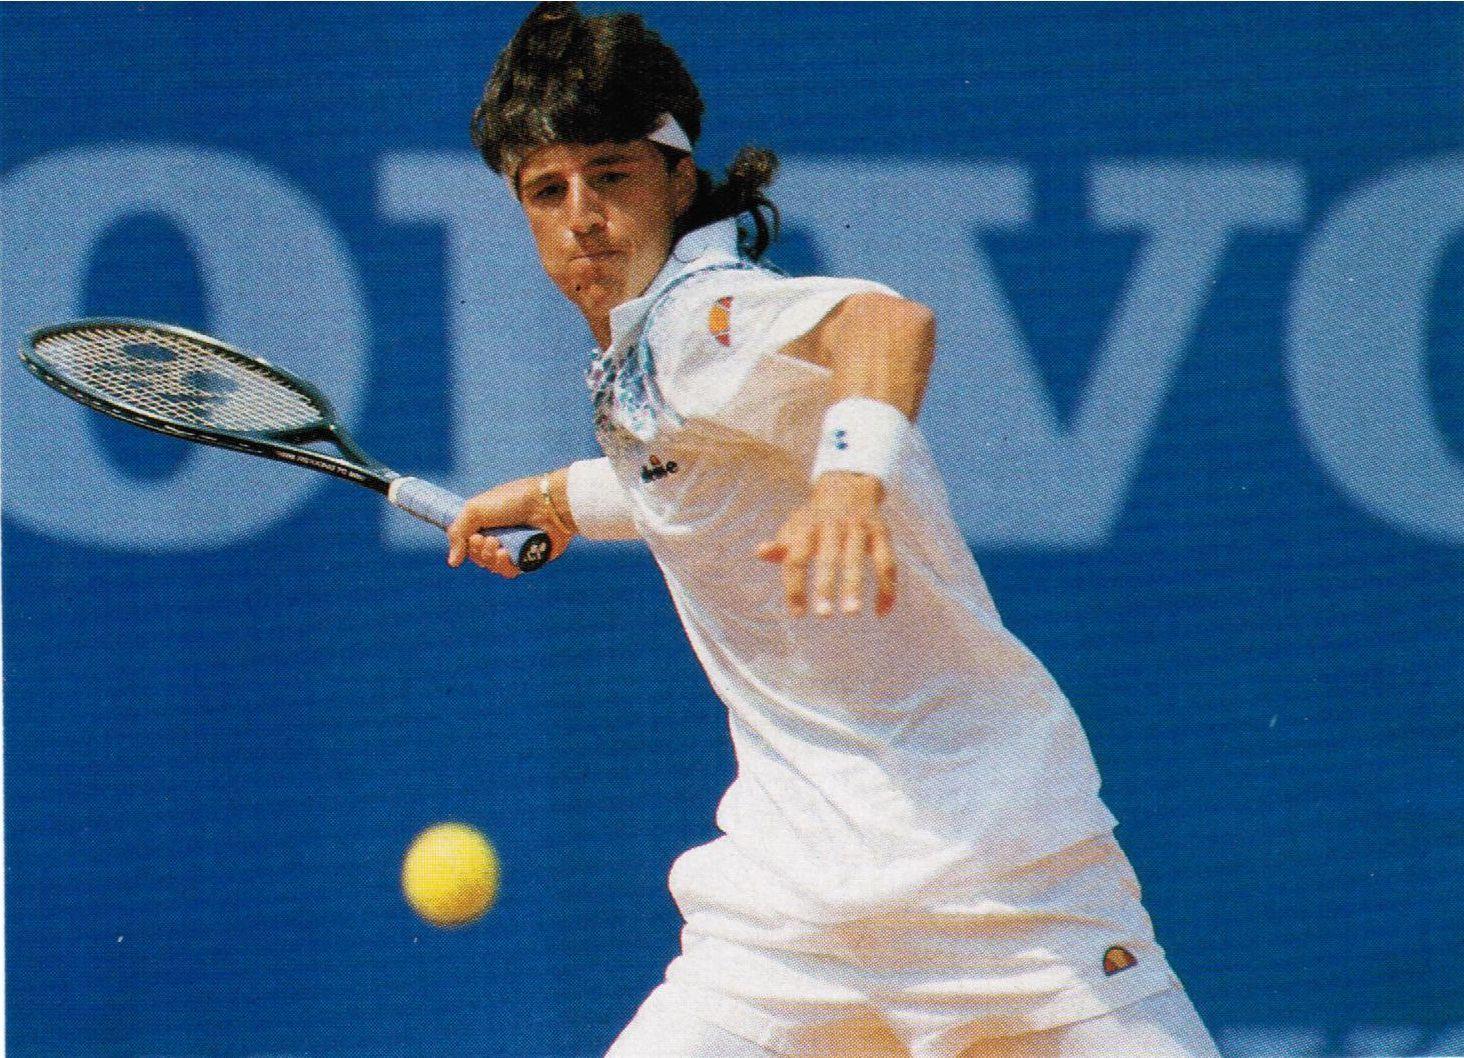 Aaron Krickstein - 1980S Tennis - University Liggett -4775